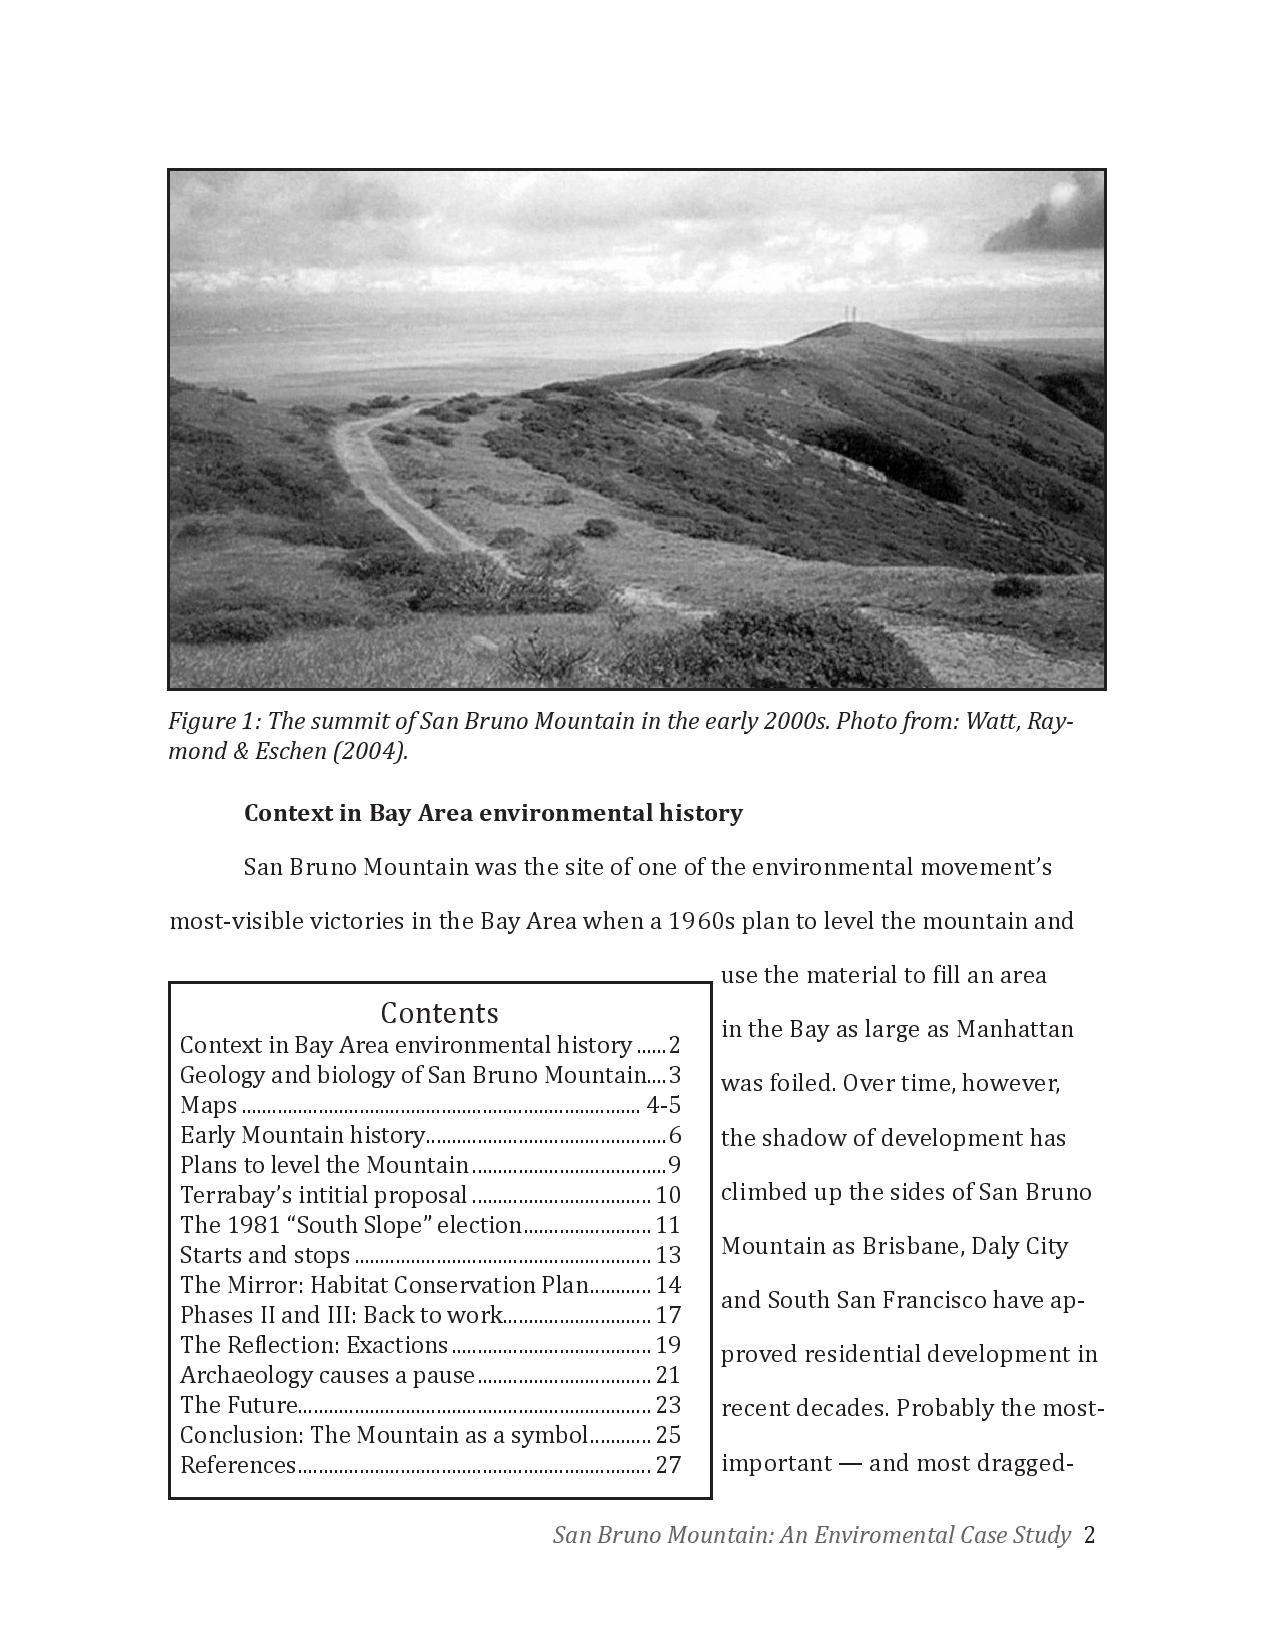 SBM An Environmental Case Study J Baker-page-002